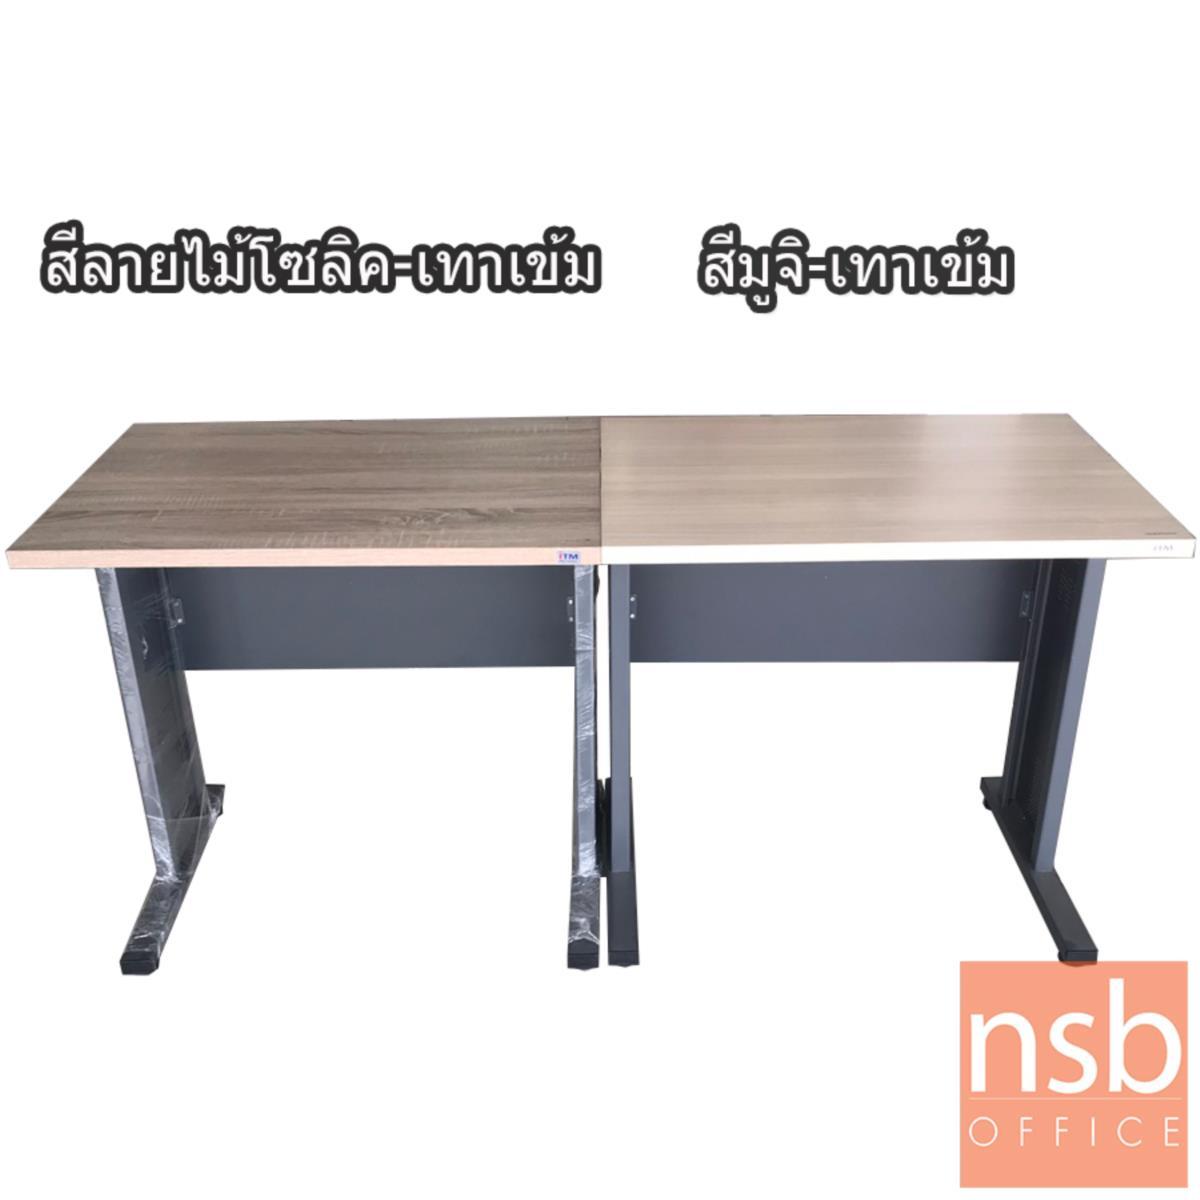 โต๊ะทำงาน  รุ่น Felicia (เฟลิเซีย) ขนาด 120W cm. ขาเหล็ก  สีโซลิคตัดเทาเข้มหรือสีมูจิตัดเทาเข้ม